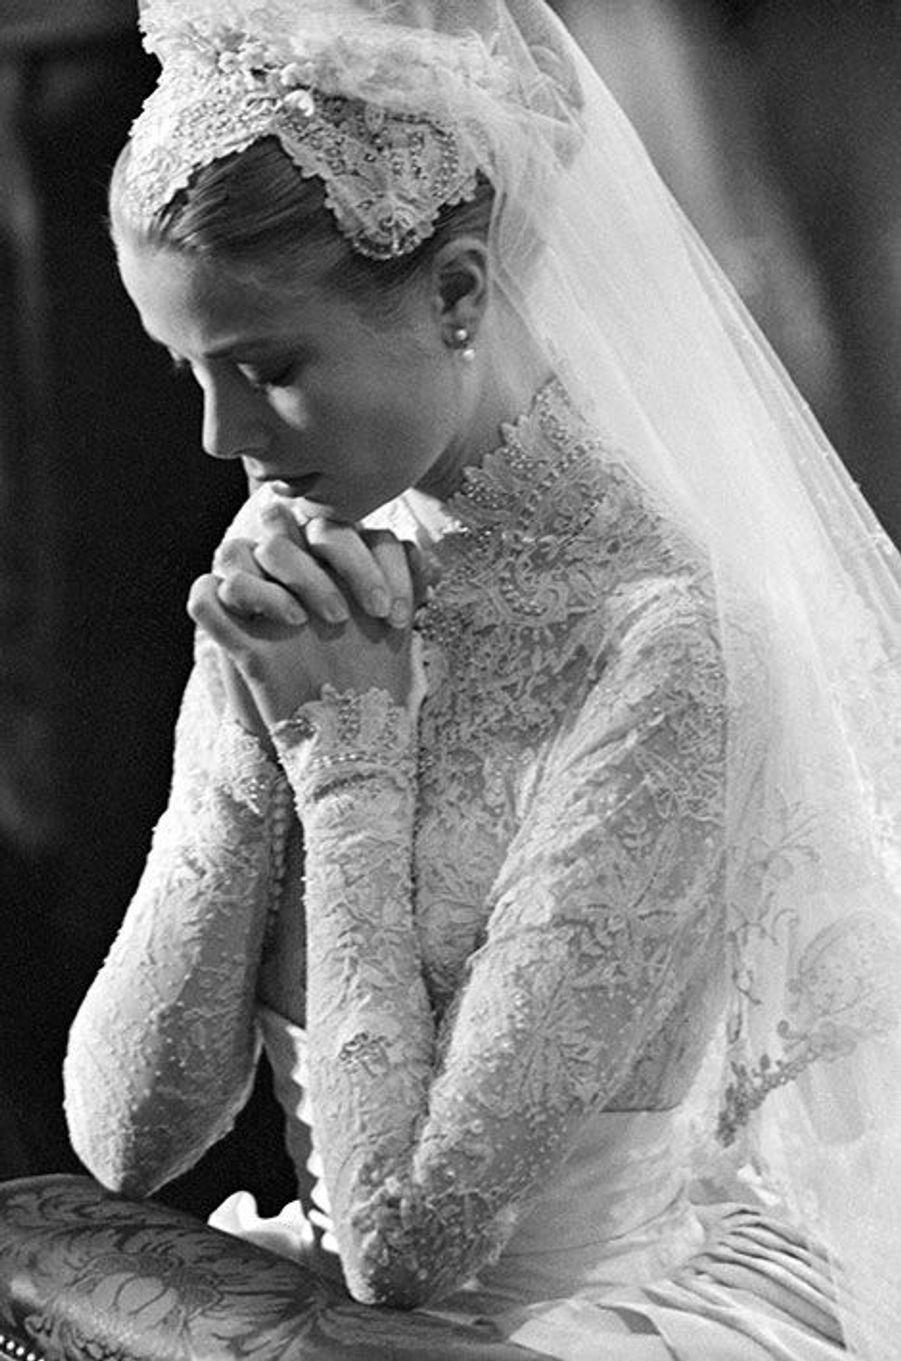 La star hollywoodienne Grace Kelly devient la princesse Grace de Monaco , le 20 avril 1956